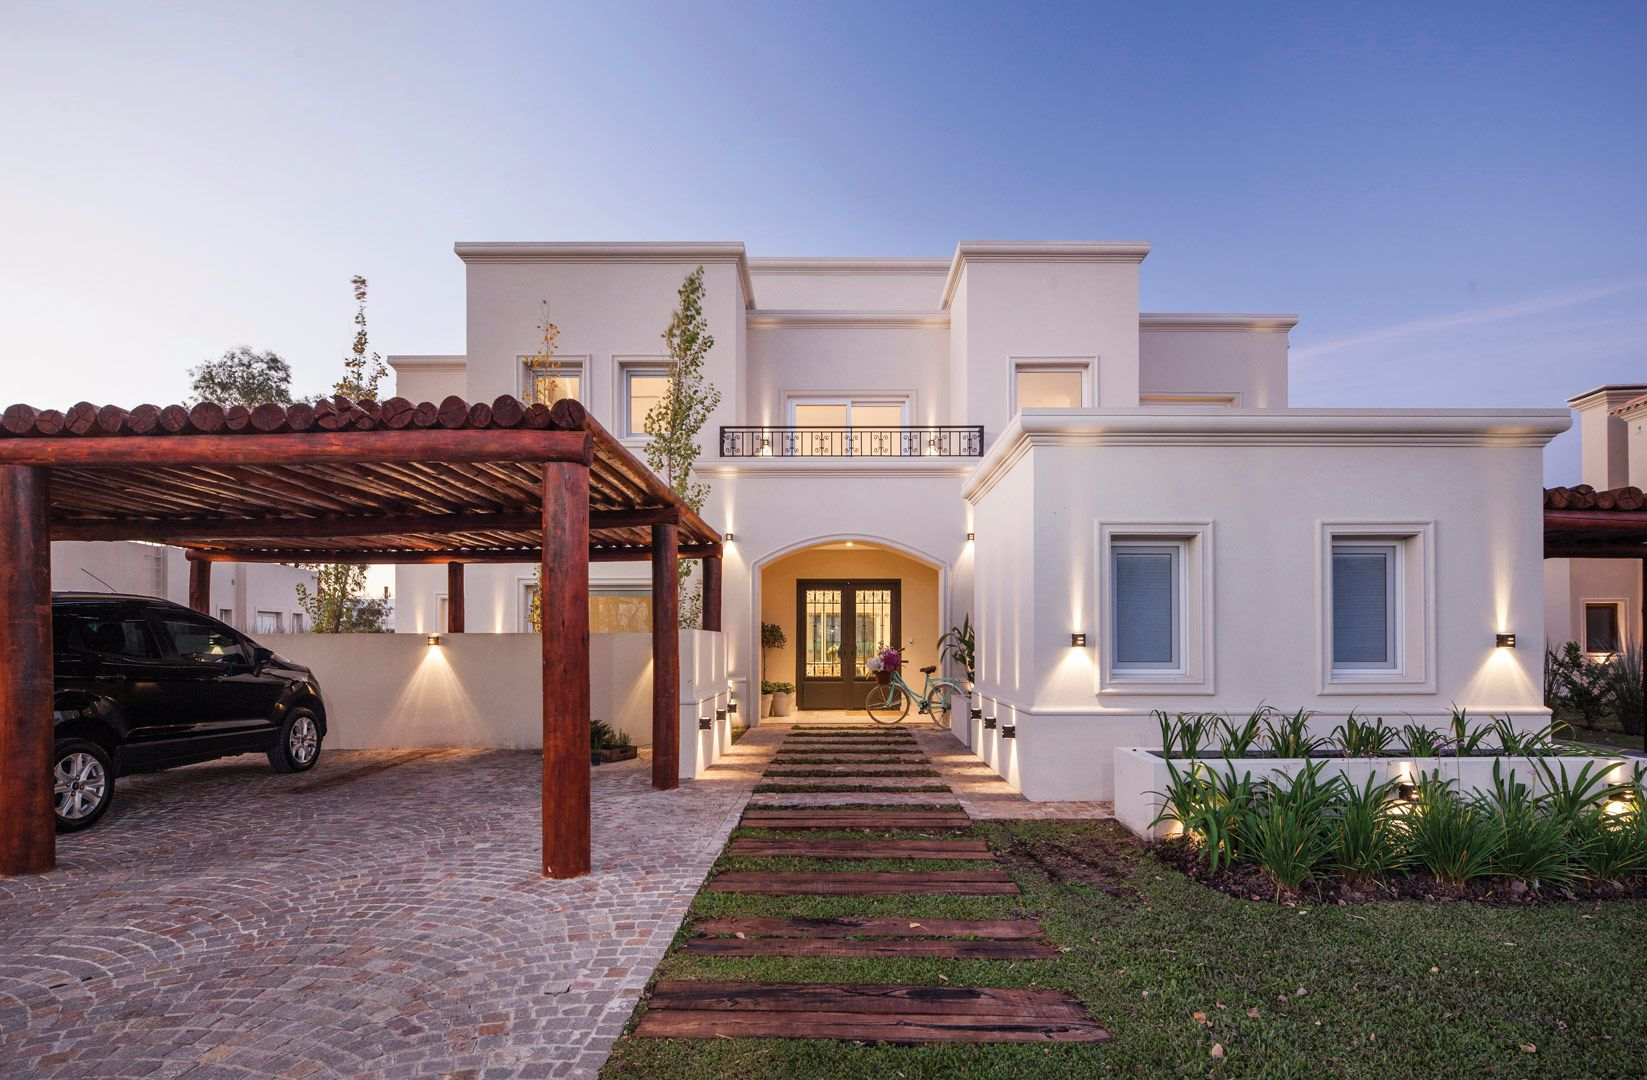 Arquitecto daniel tarrio y asociados home sweet home pinterest casa estilo casas y estilo - Arquitectos casas modernas ...